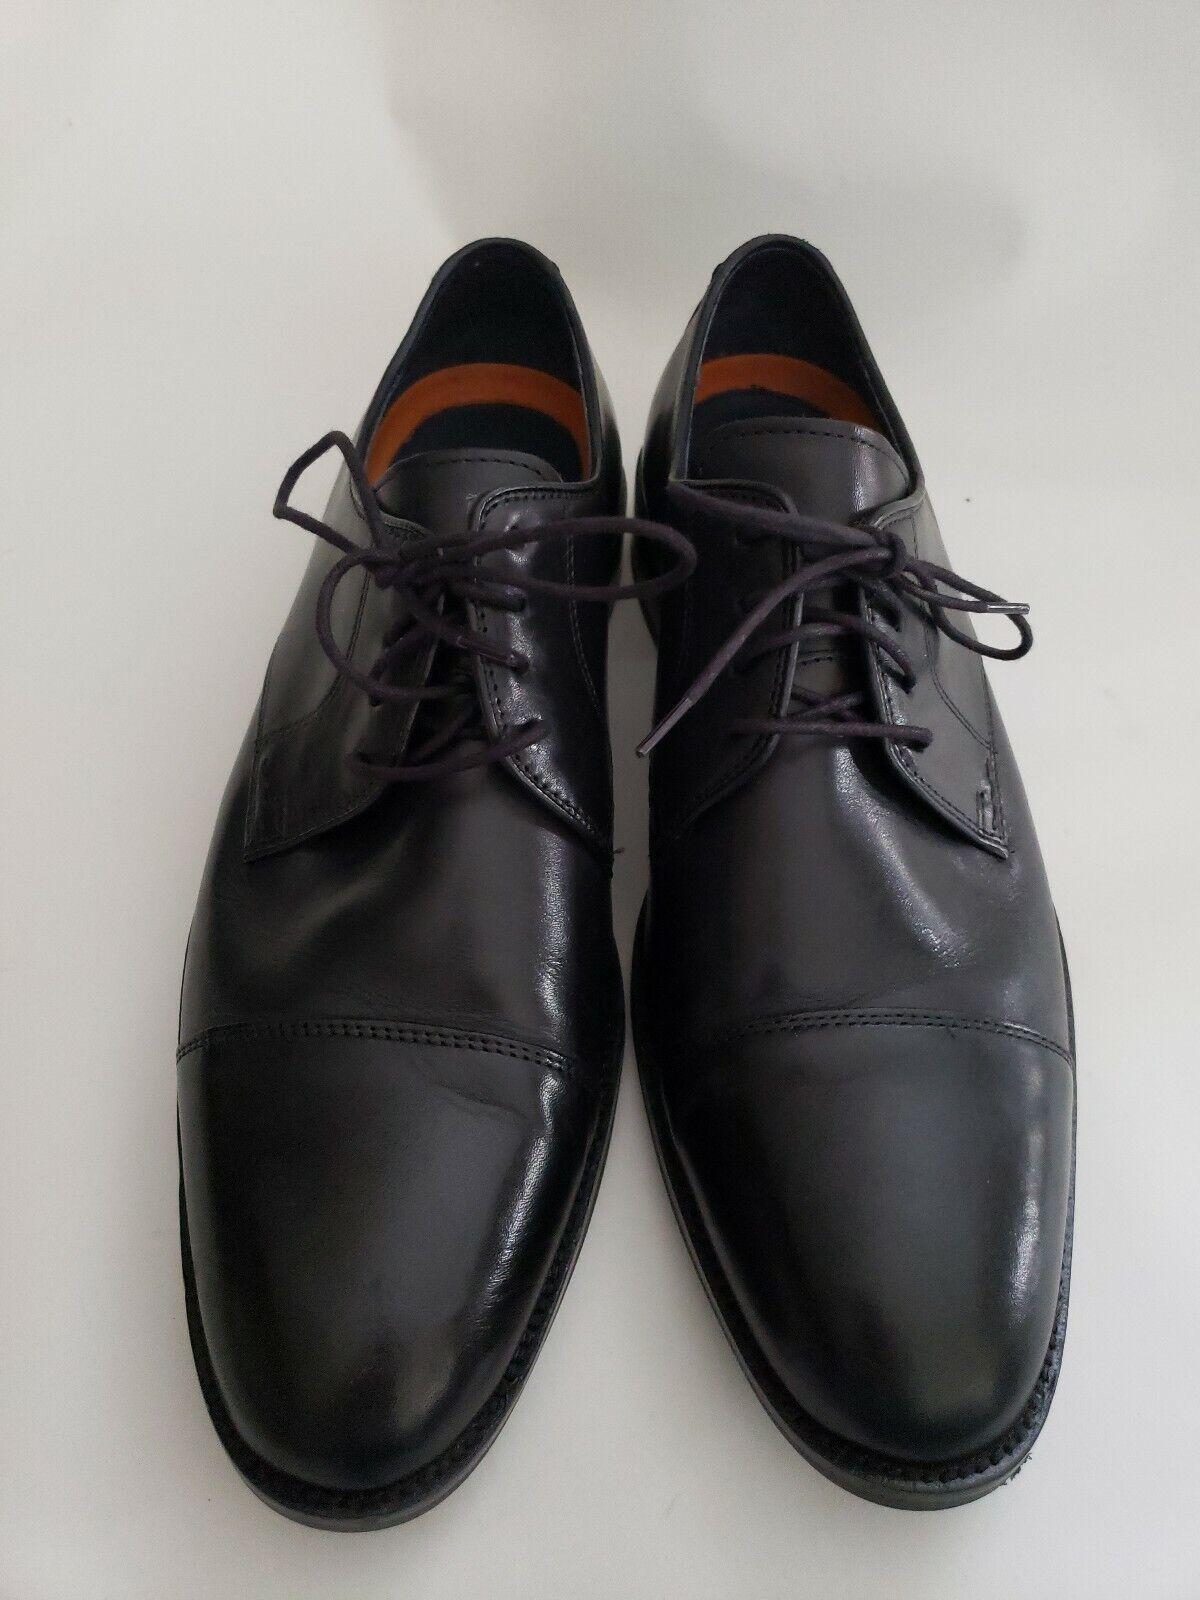 Cole Haan para Hombre de Cuero Negro Puntera Grand. una talla con Cordones De Vestir Zapatos W